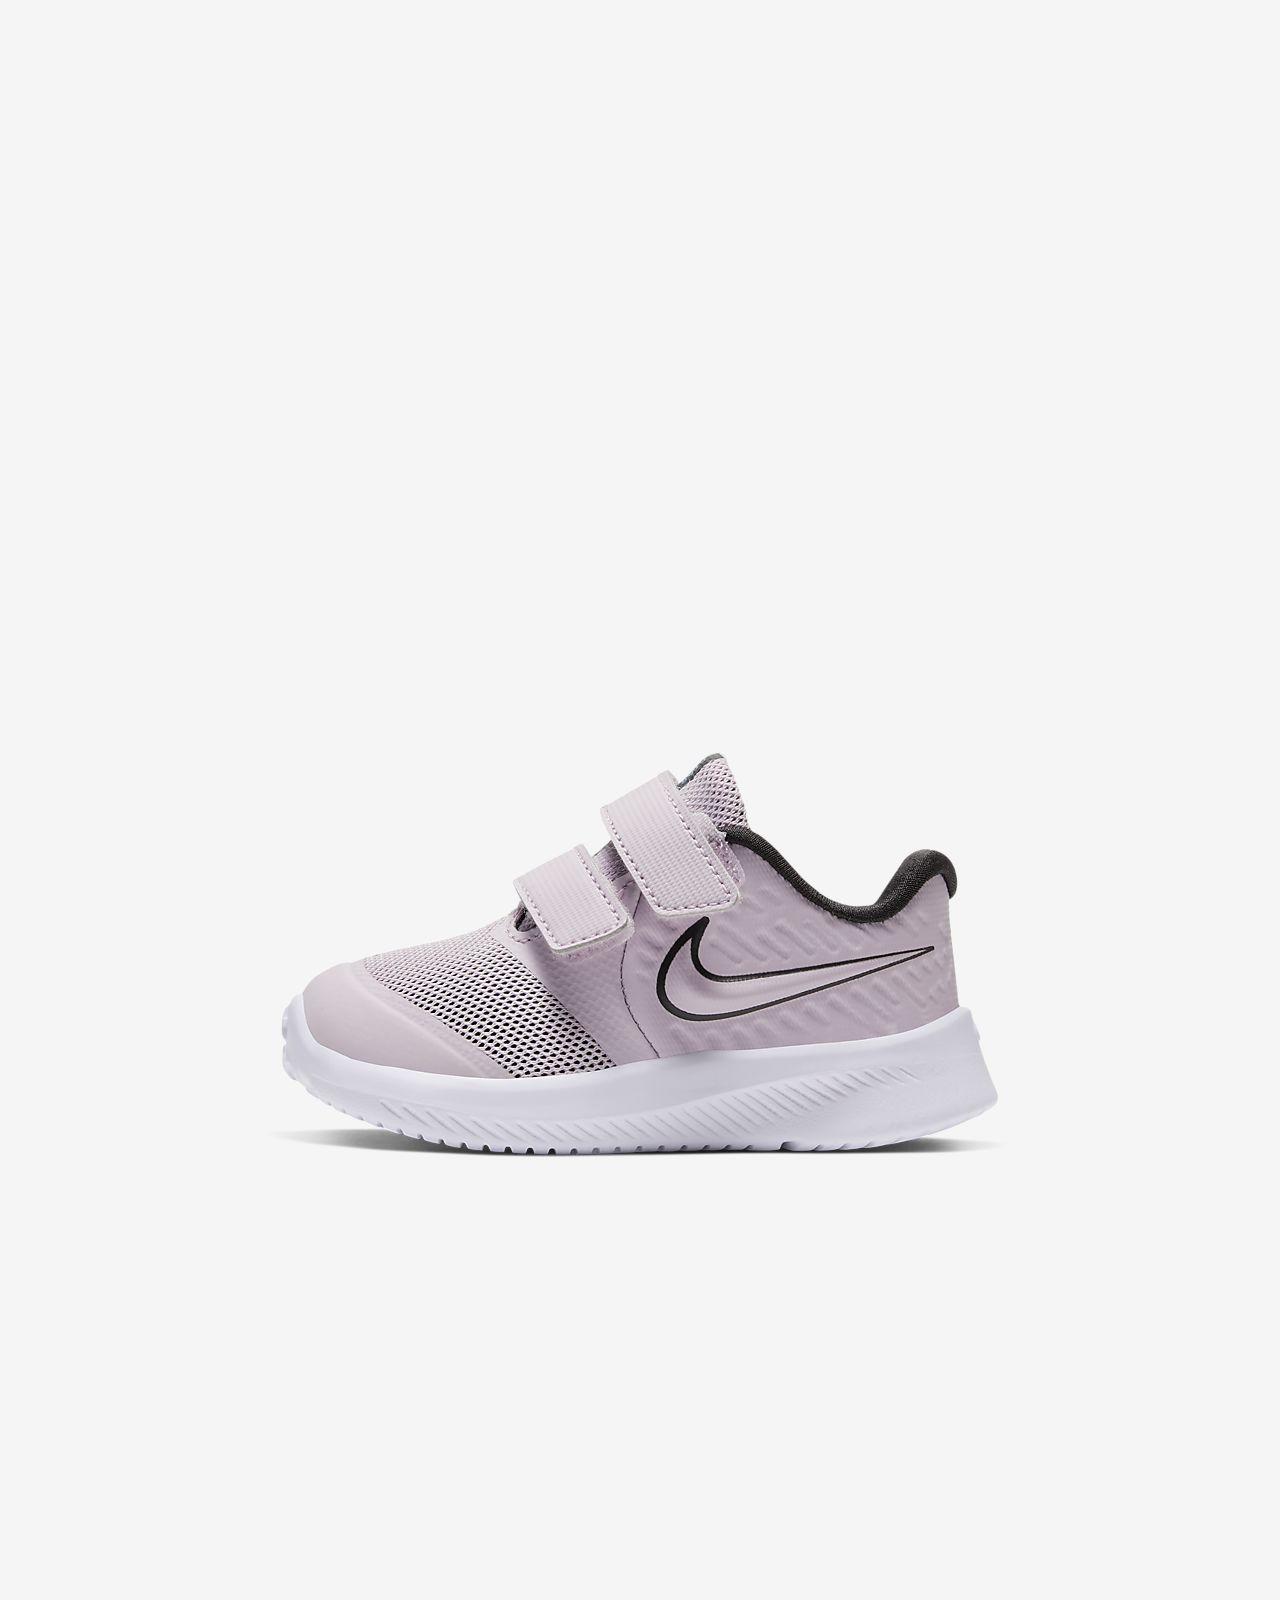 รองเท้าทารก/เด็กวัยหัดเดิน Nike Star Runner 2